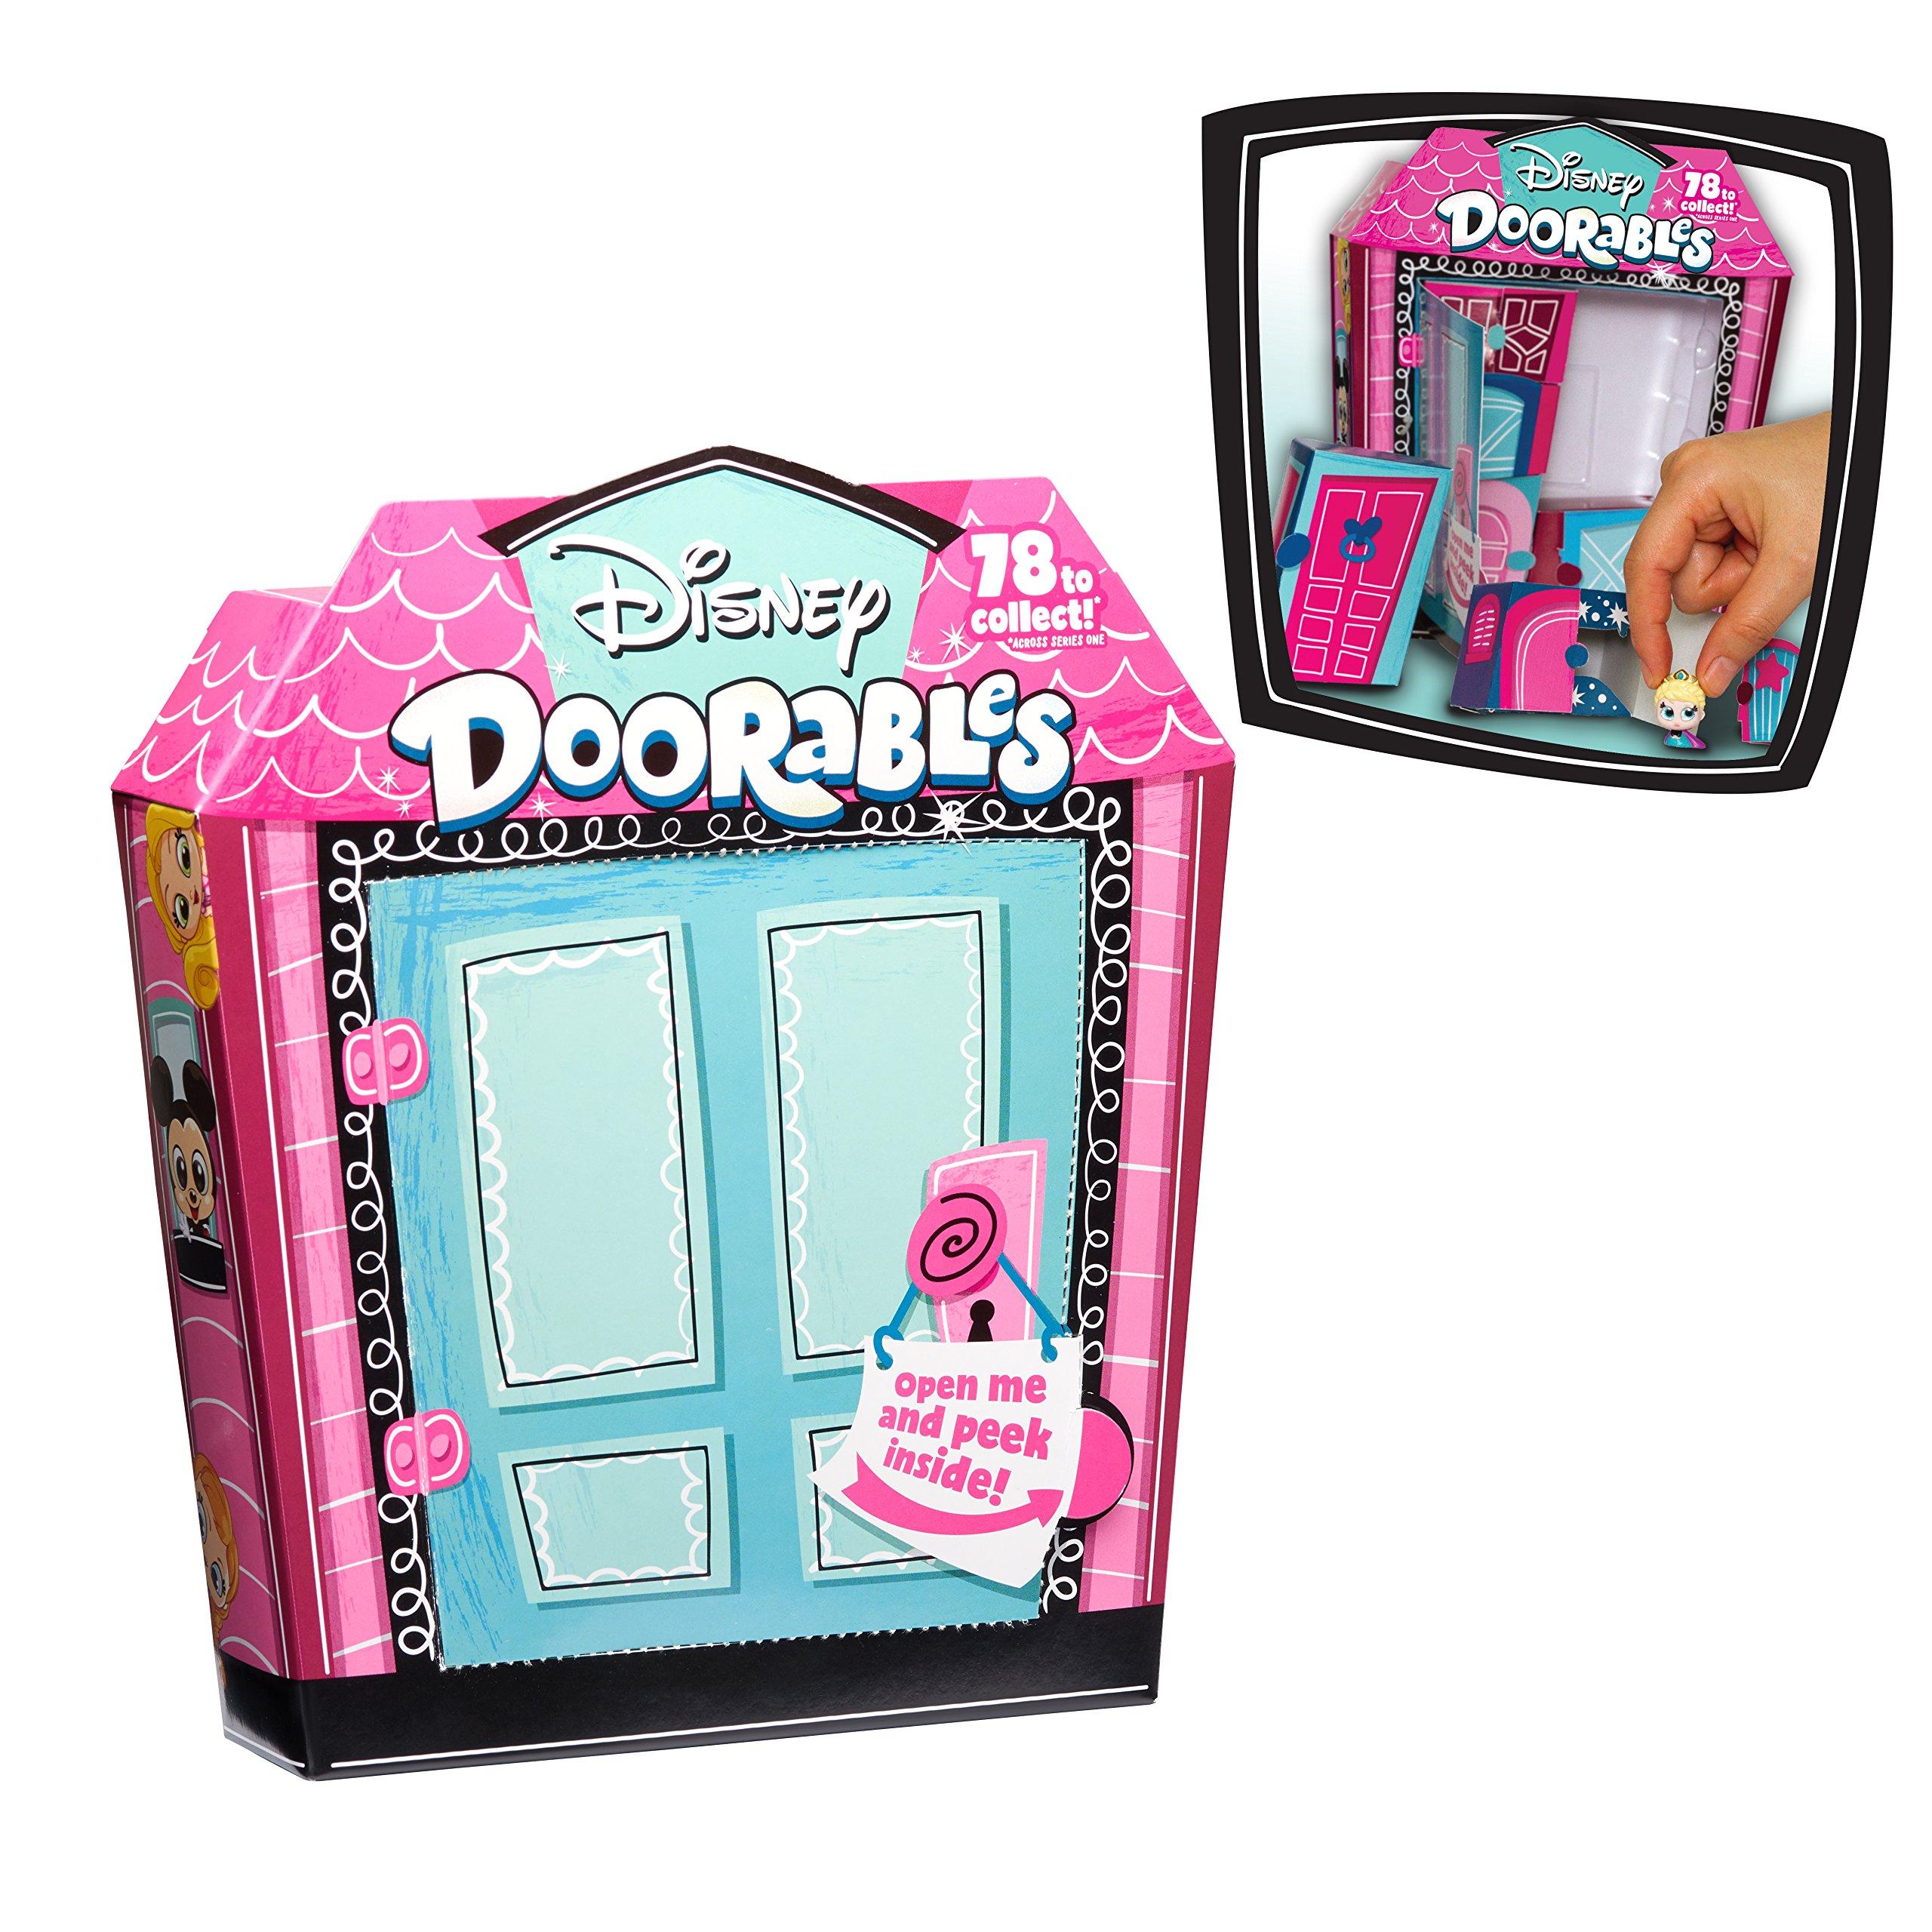 Disney Doorables Multi Peek by Disney Doorables (Image #2)